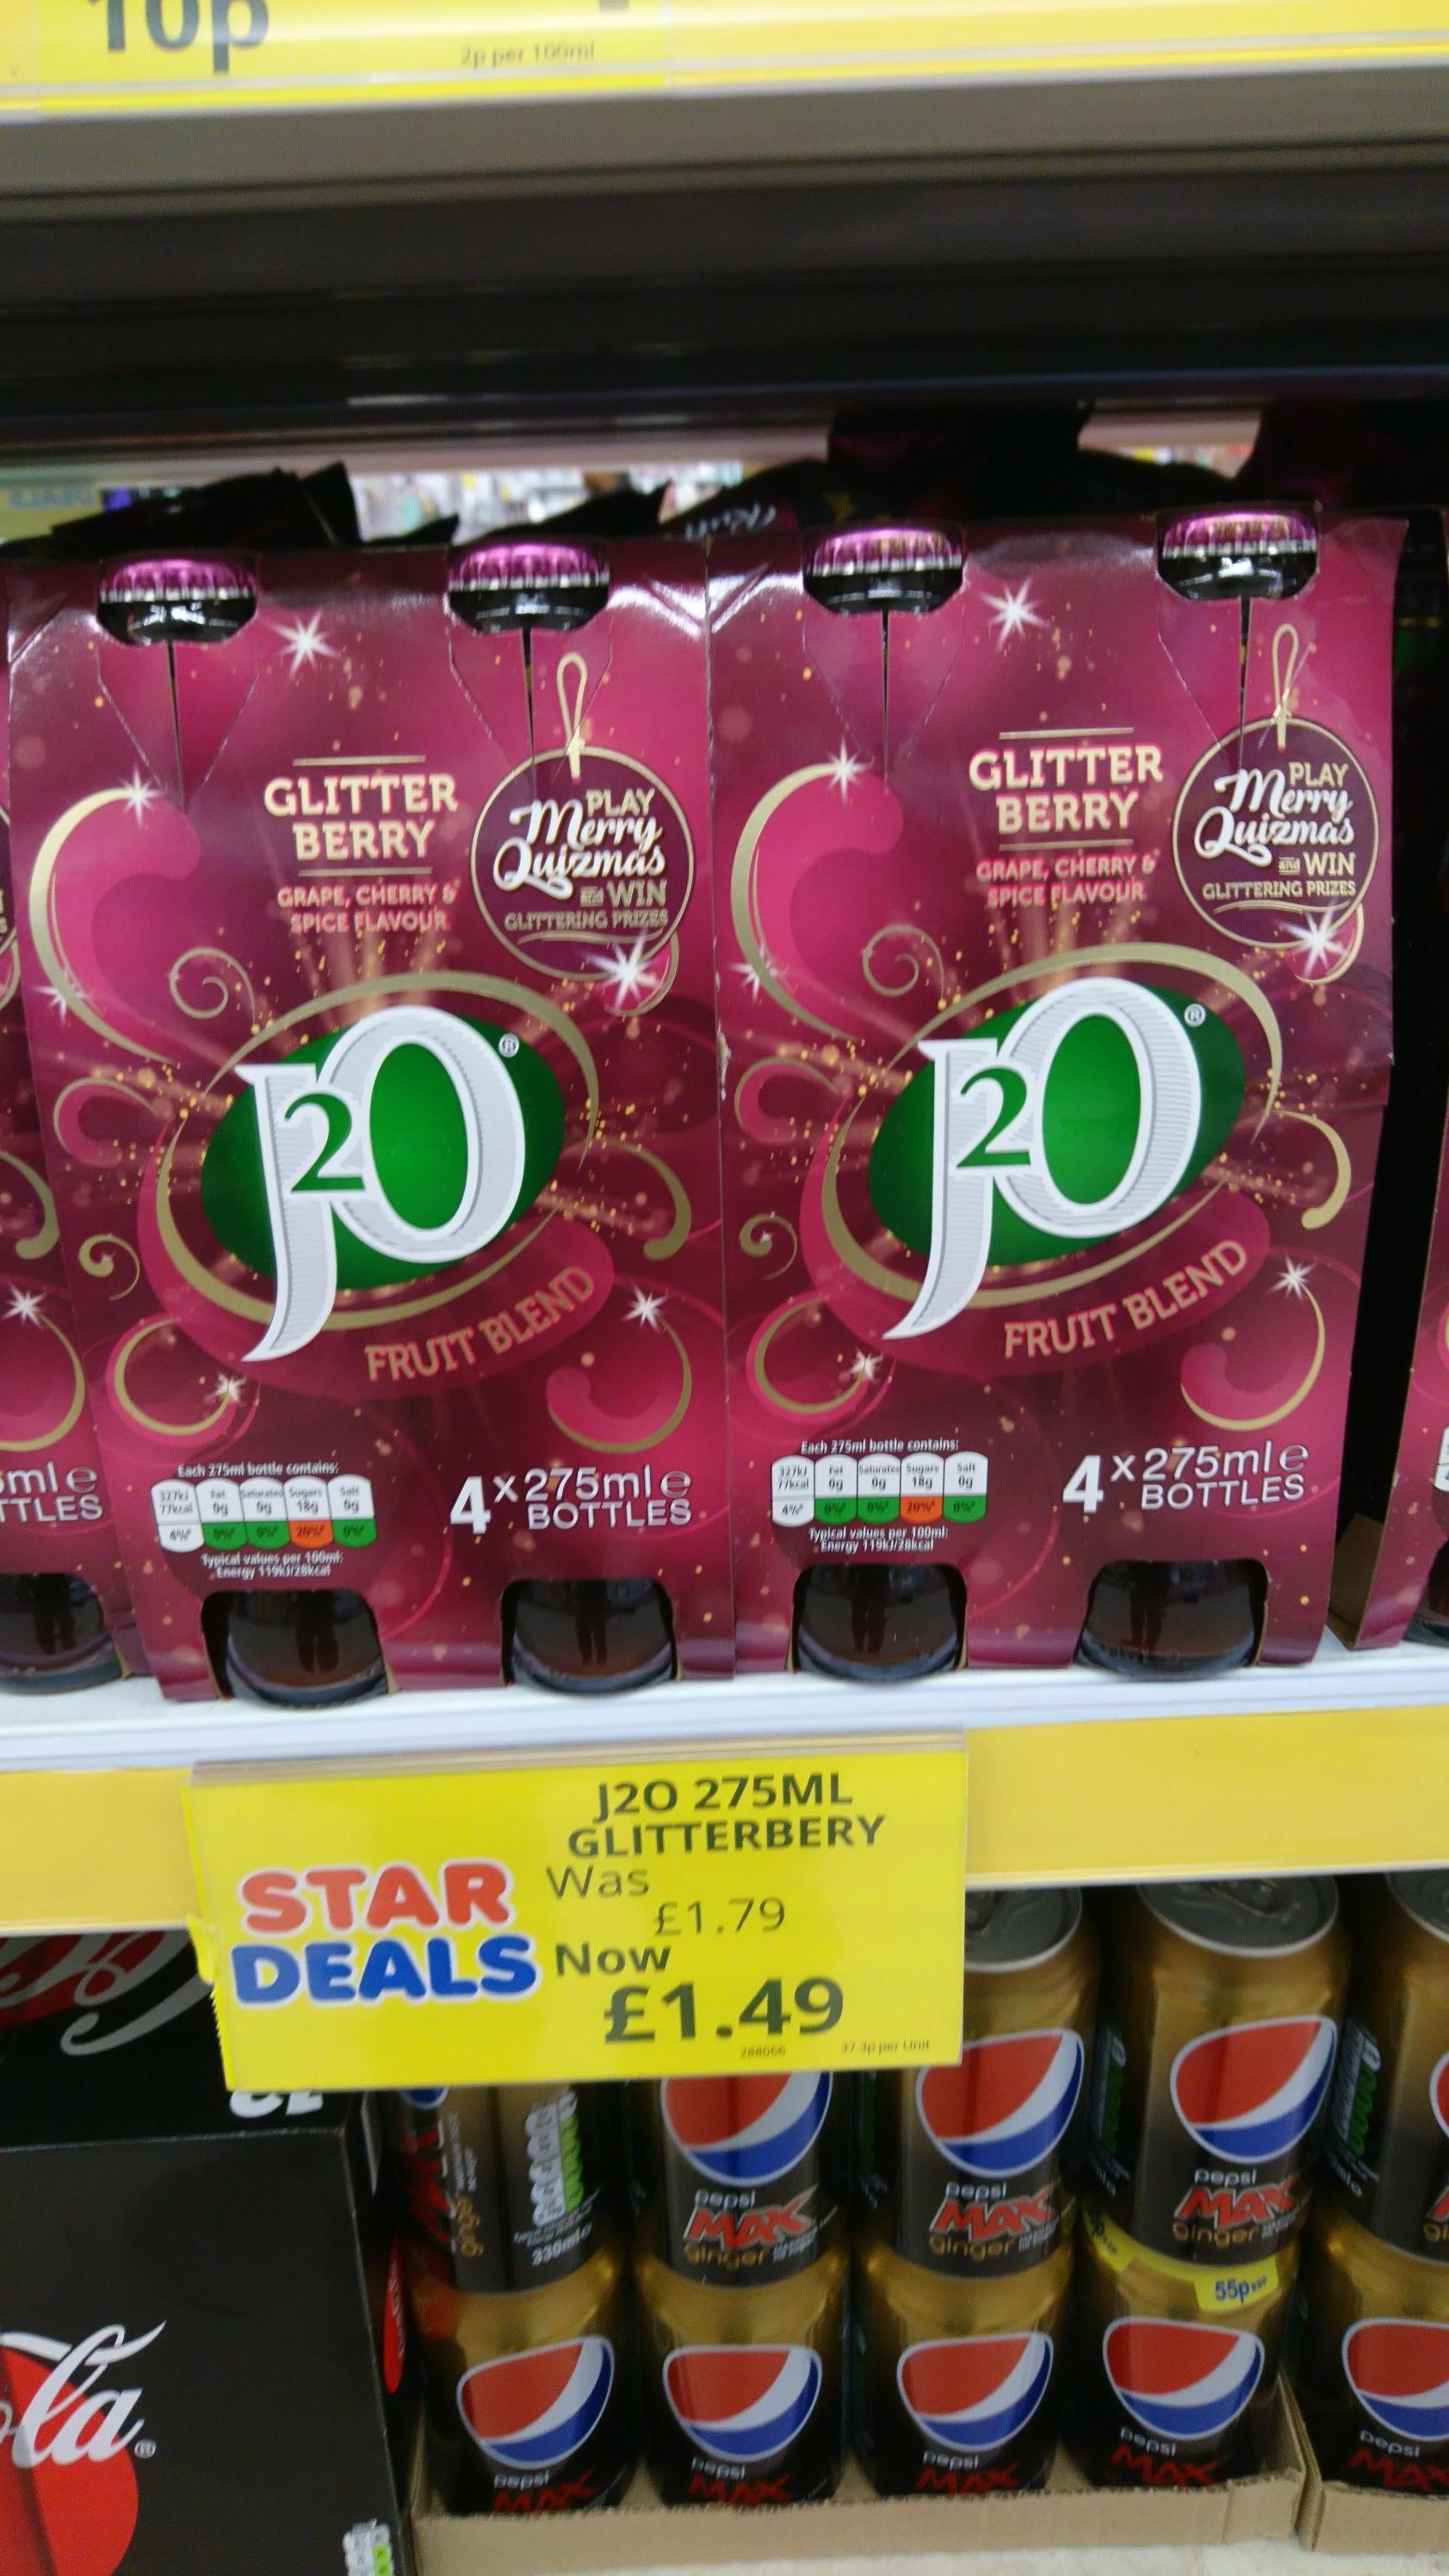 J2O glitter Berry 4pack £1.49 @ Poundstretcher